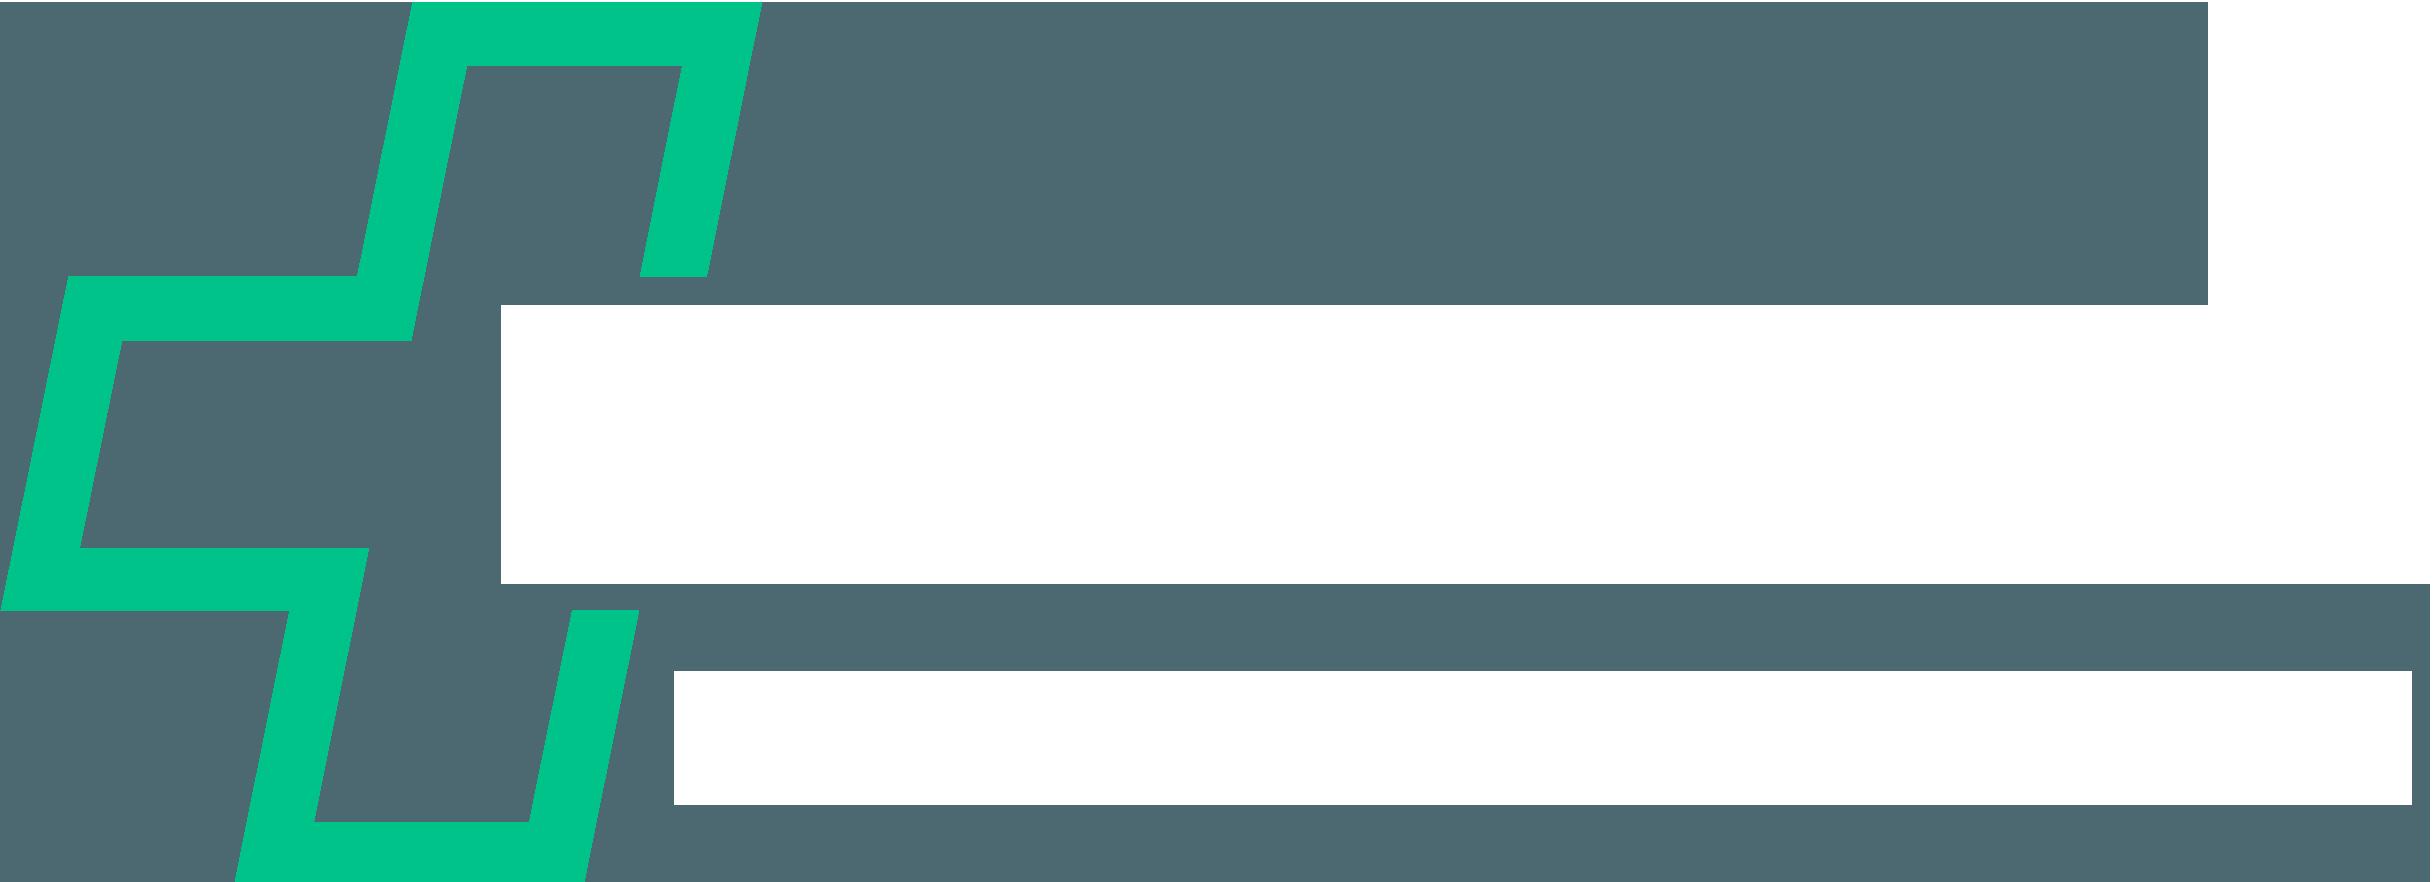 orr-logo-white.png